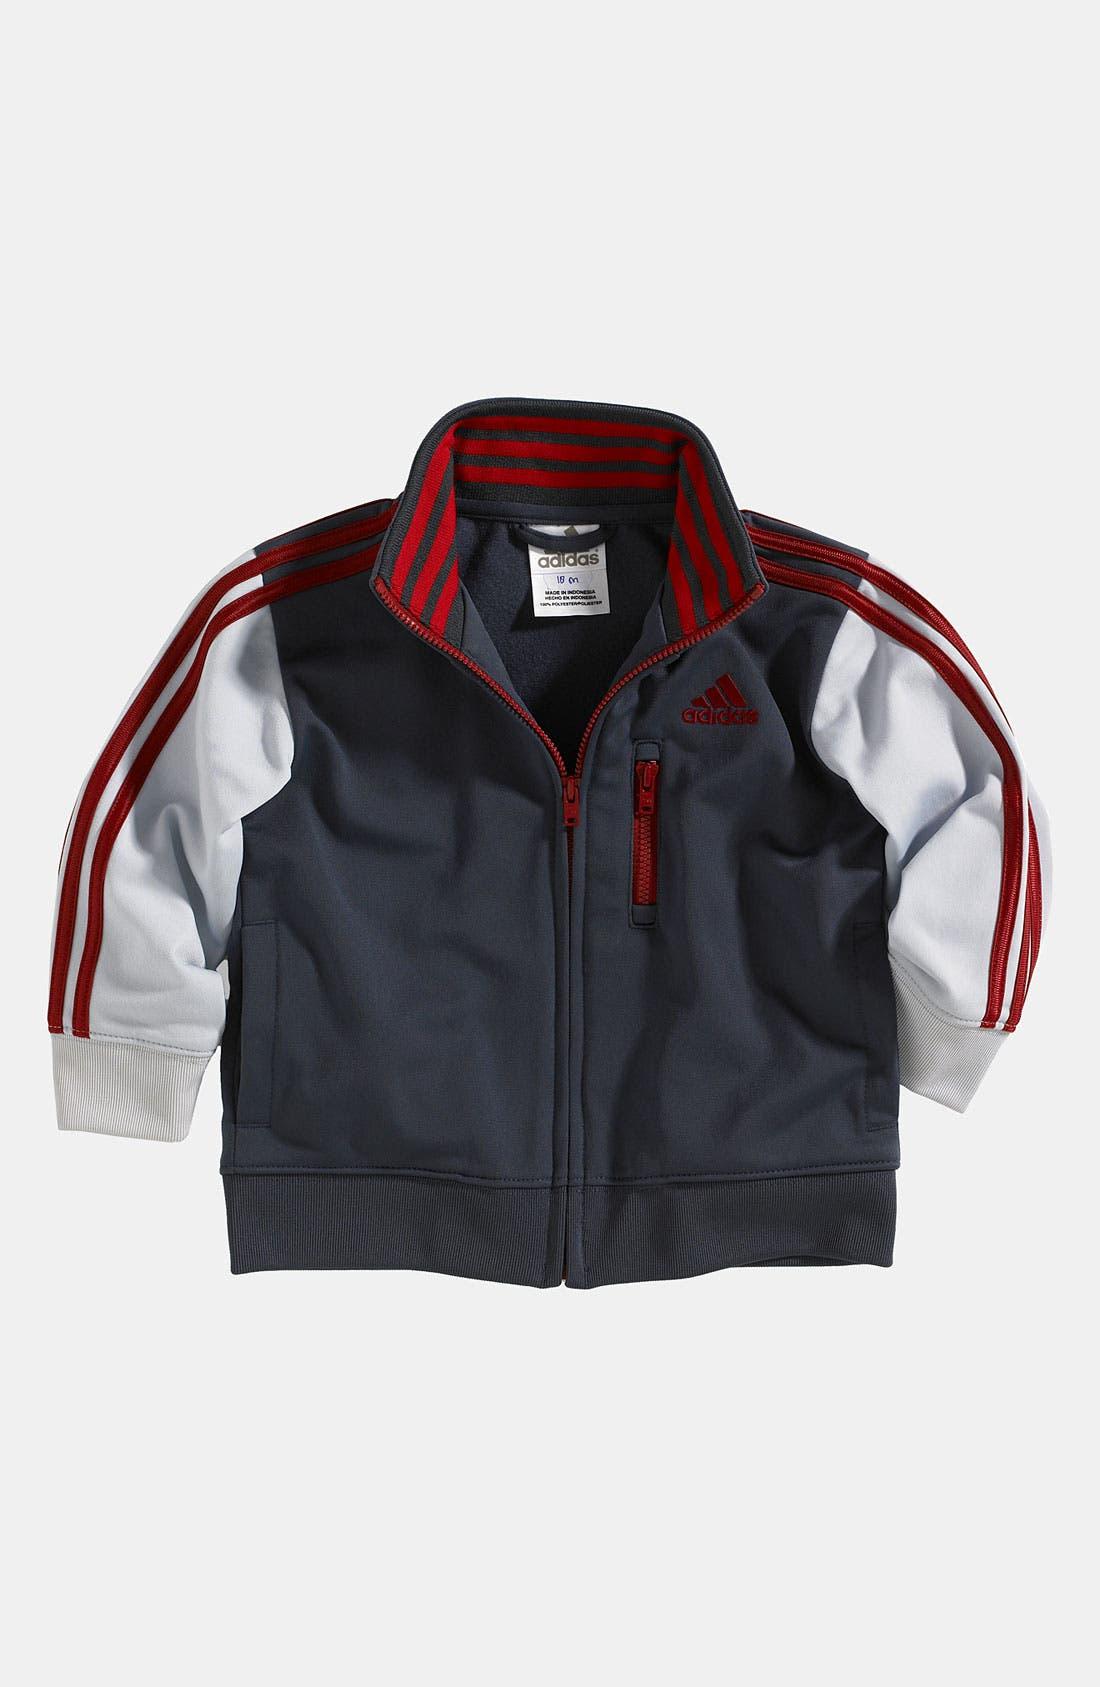 Main Image - adidas 'Varsity' Jacket (Toddler)